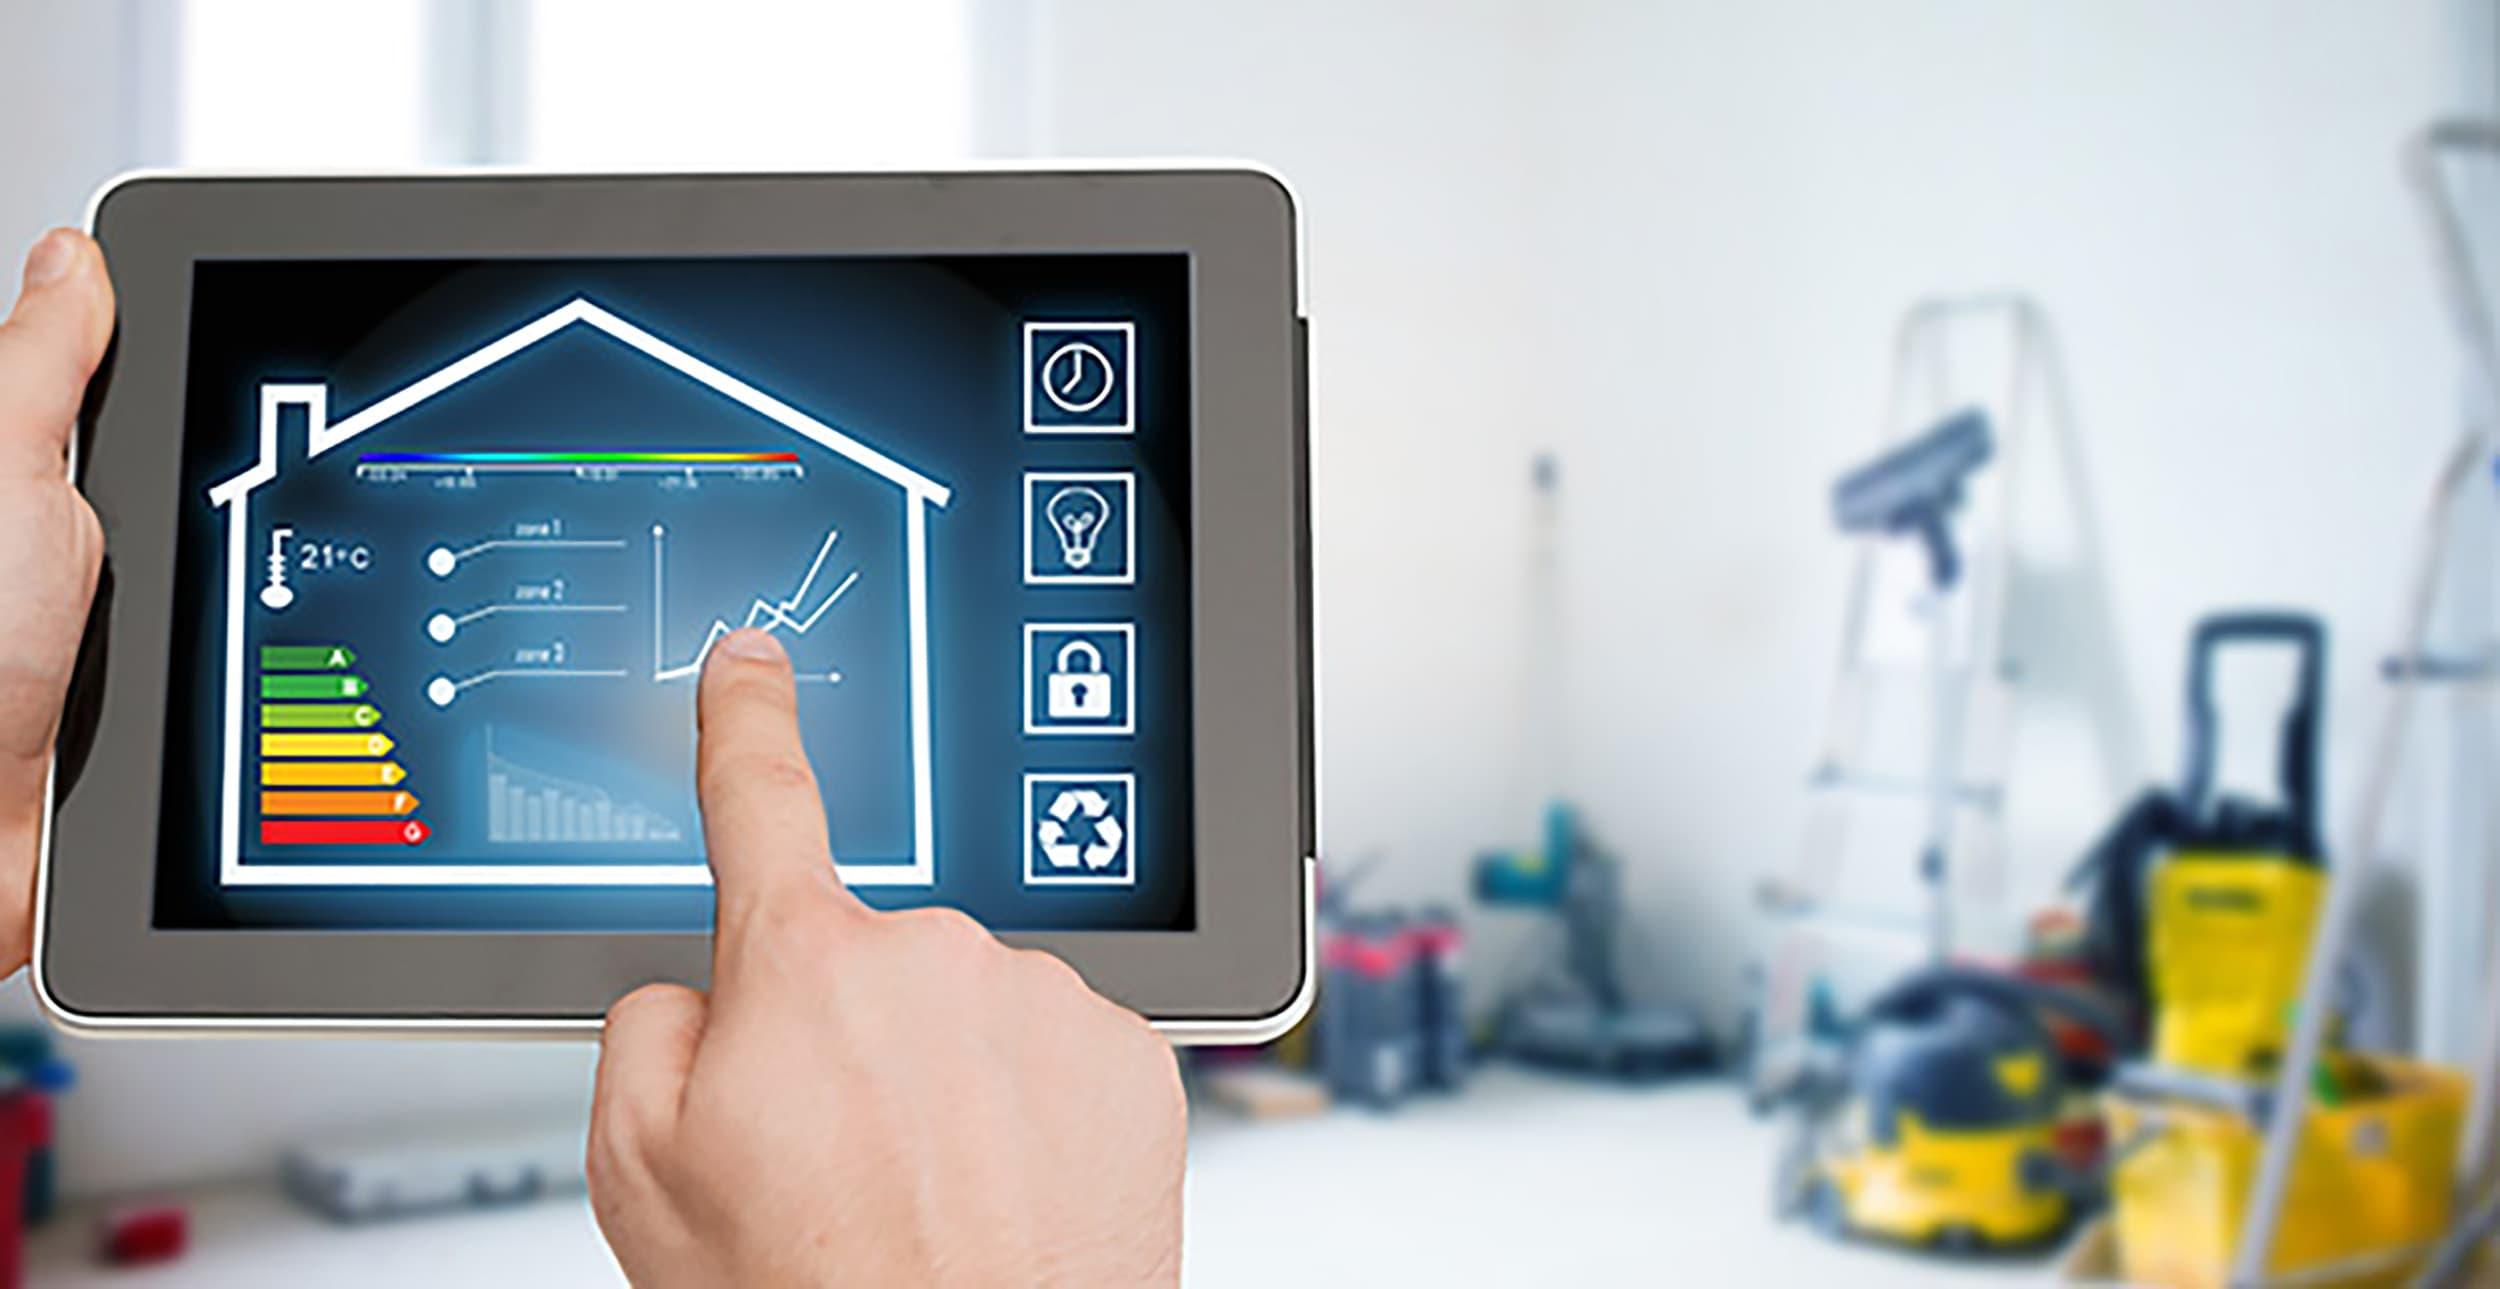 Rénovation énergétique comment procéder conseils Energreen